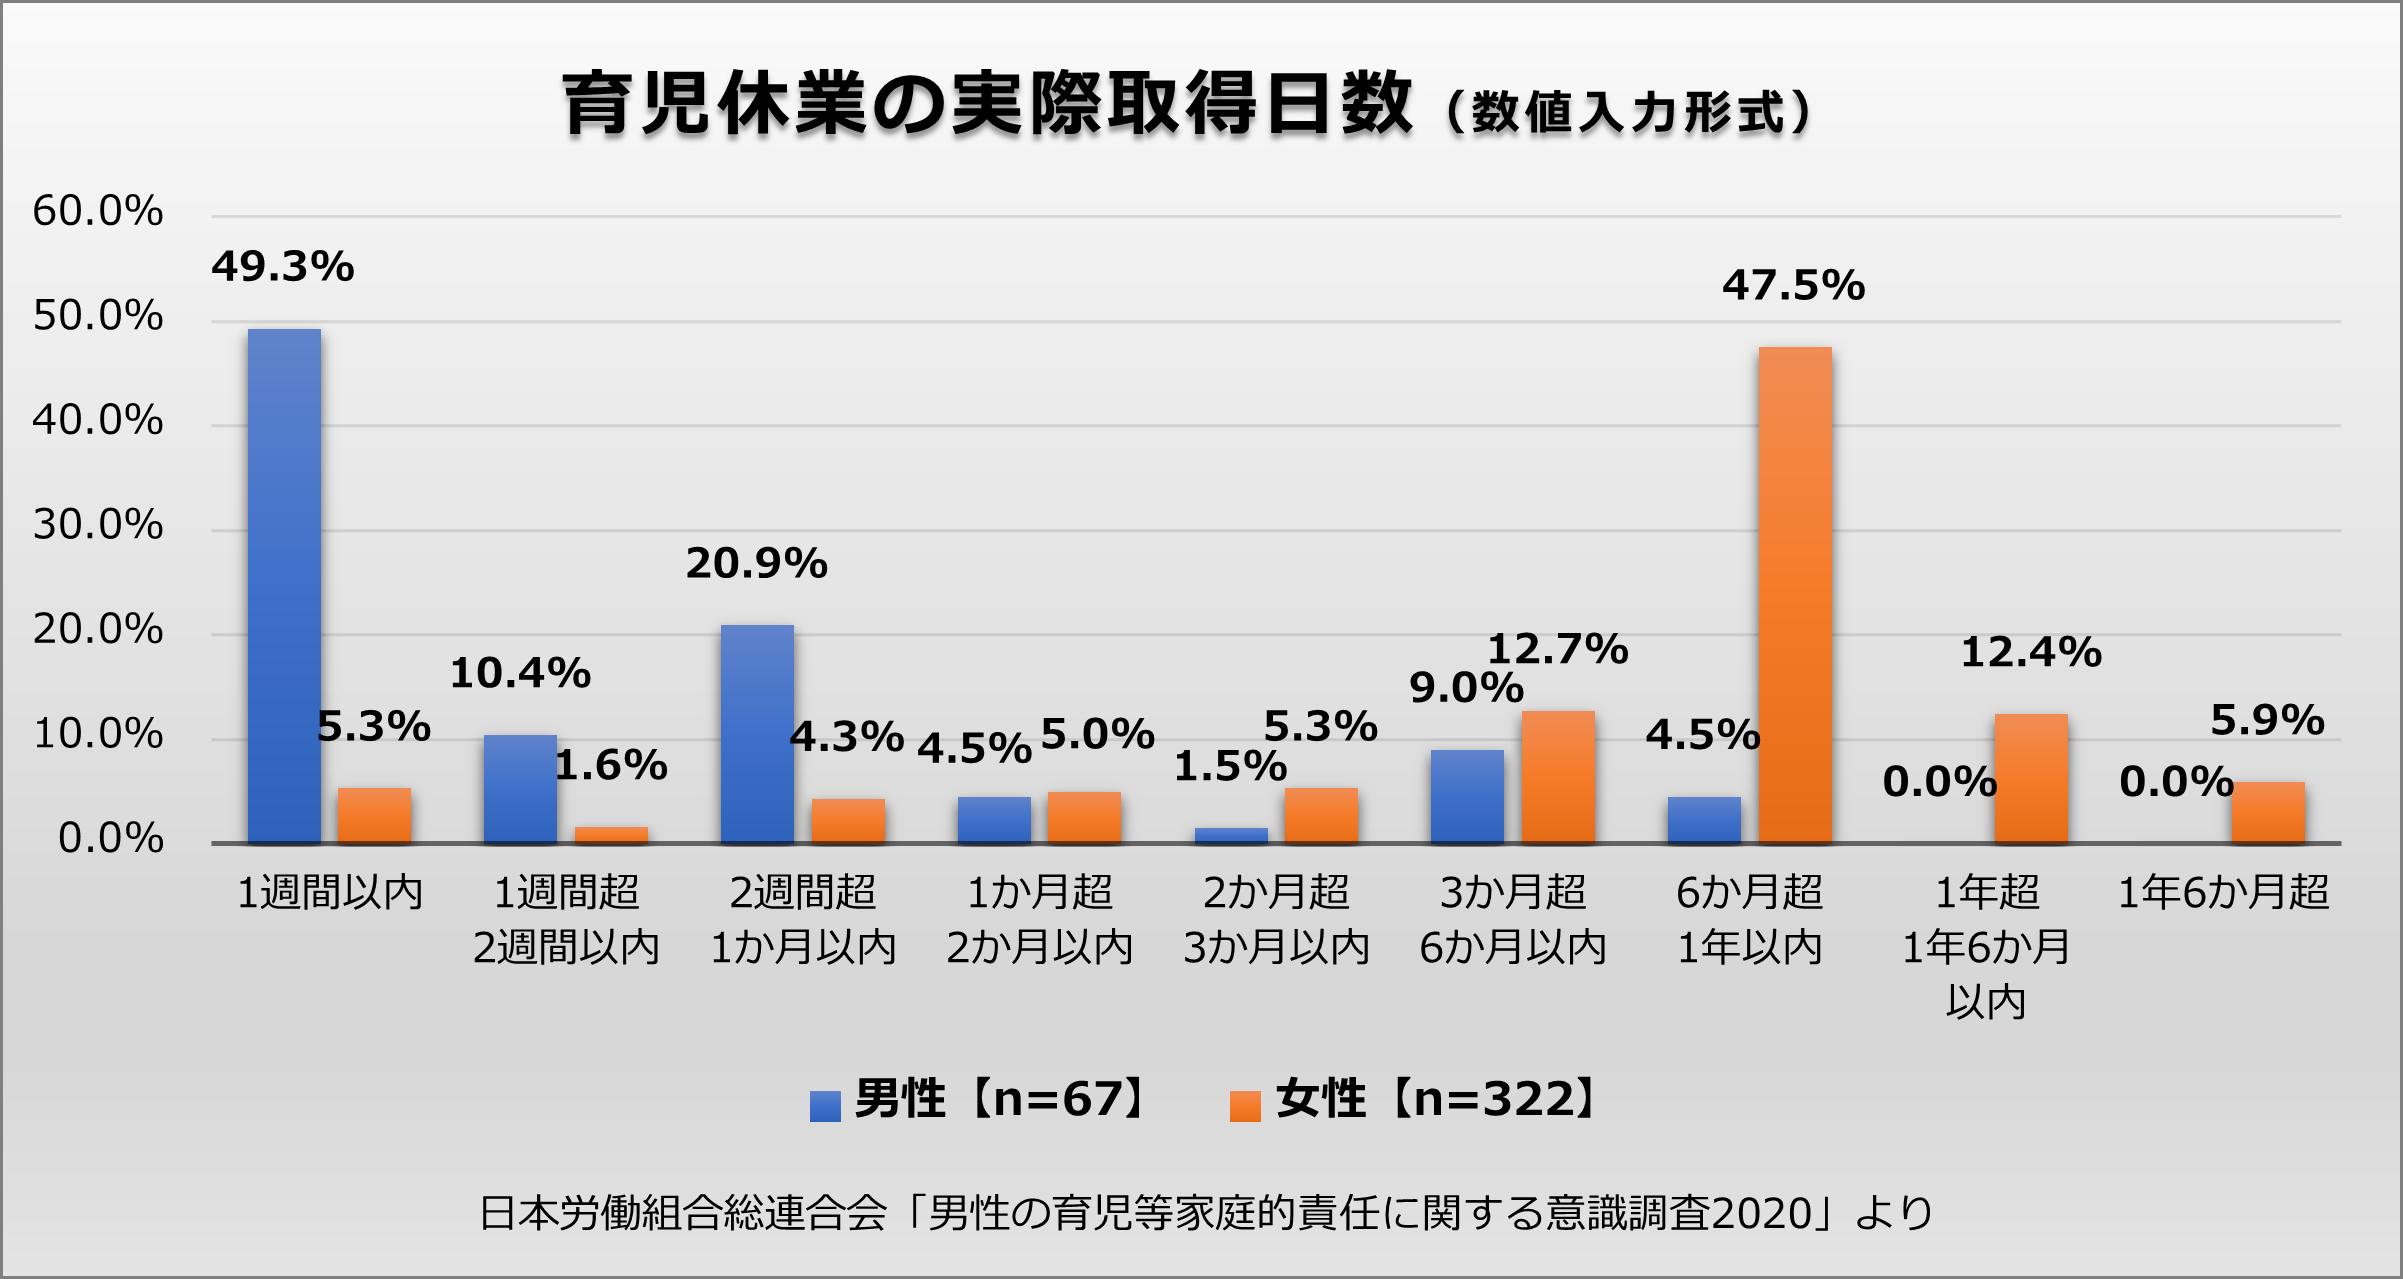 育児休業の実際取得日数を数値入力形式で男女別に集計したグラフ。男性は67名、女性は322名が回答。日本労働組合総連合会「男性の育児等家庭的責任に関する意識調査2020」より